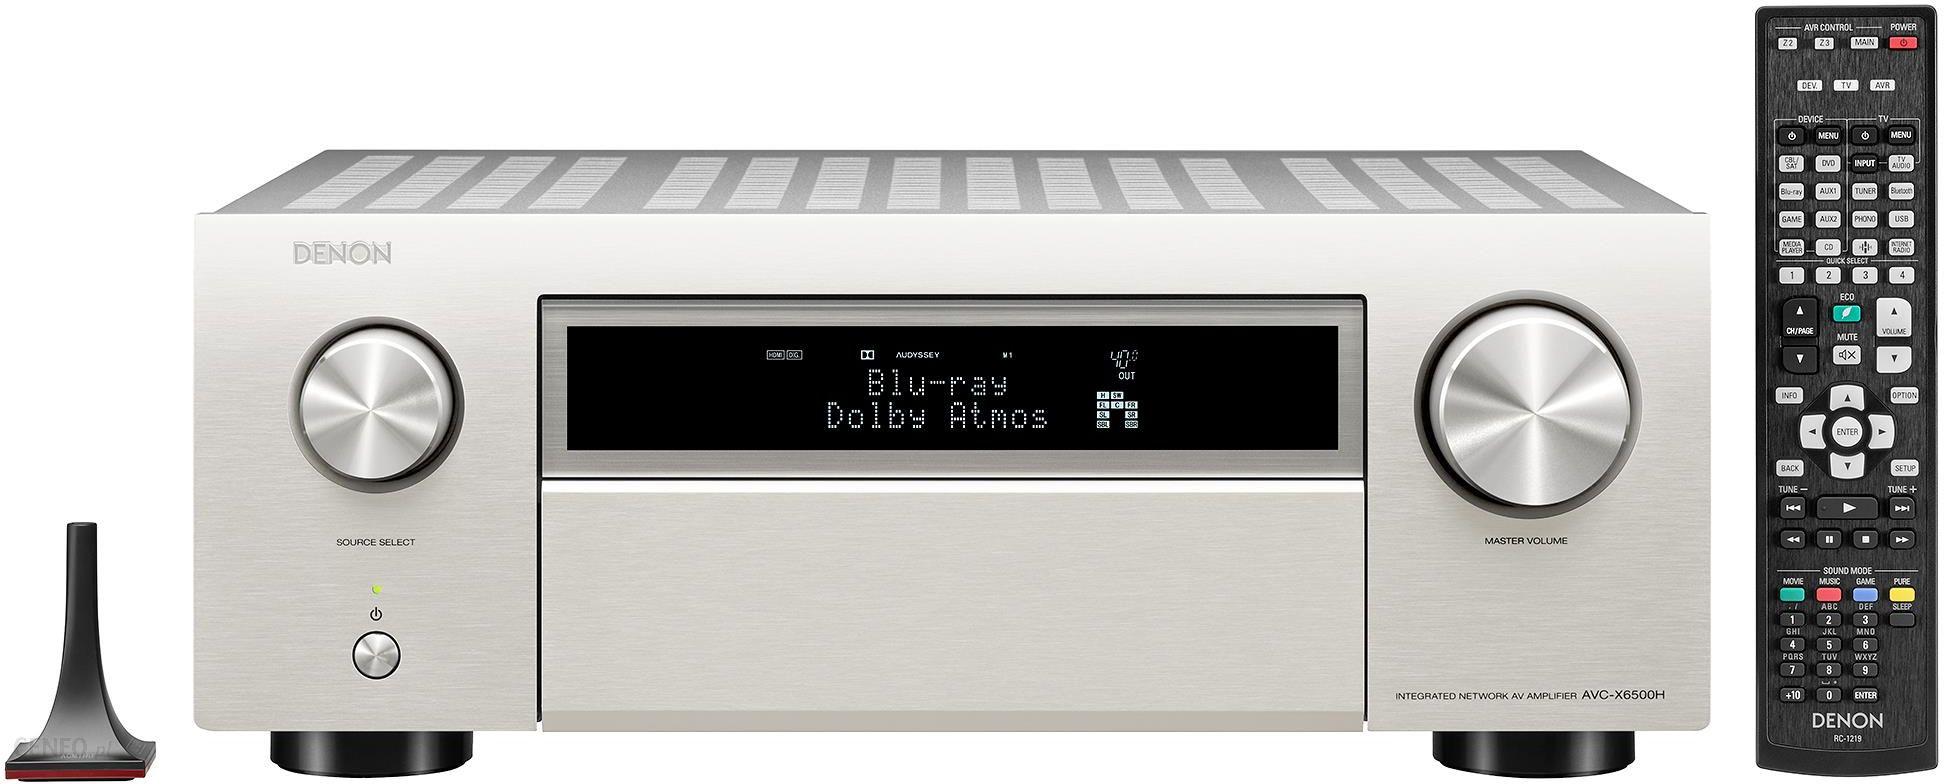 Denon AVC-X6500H sidabras